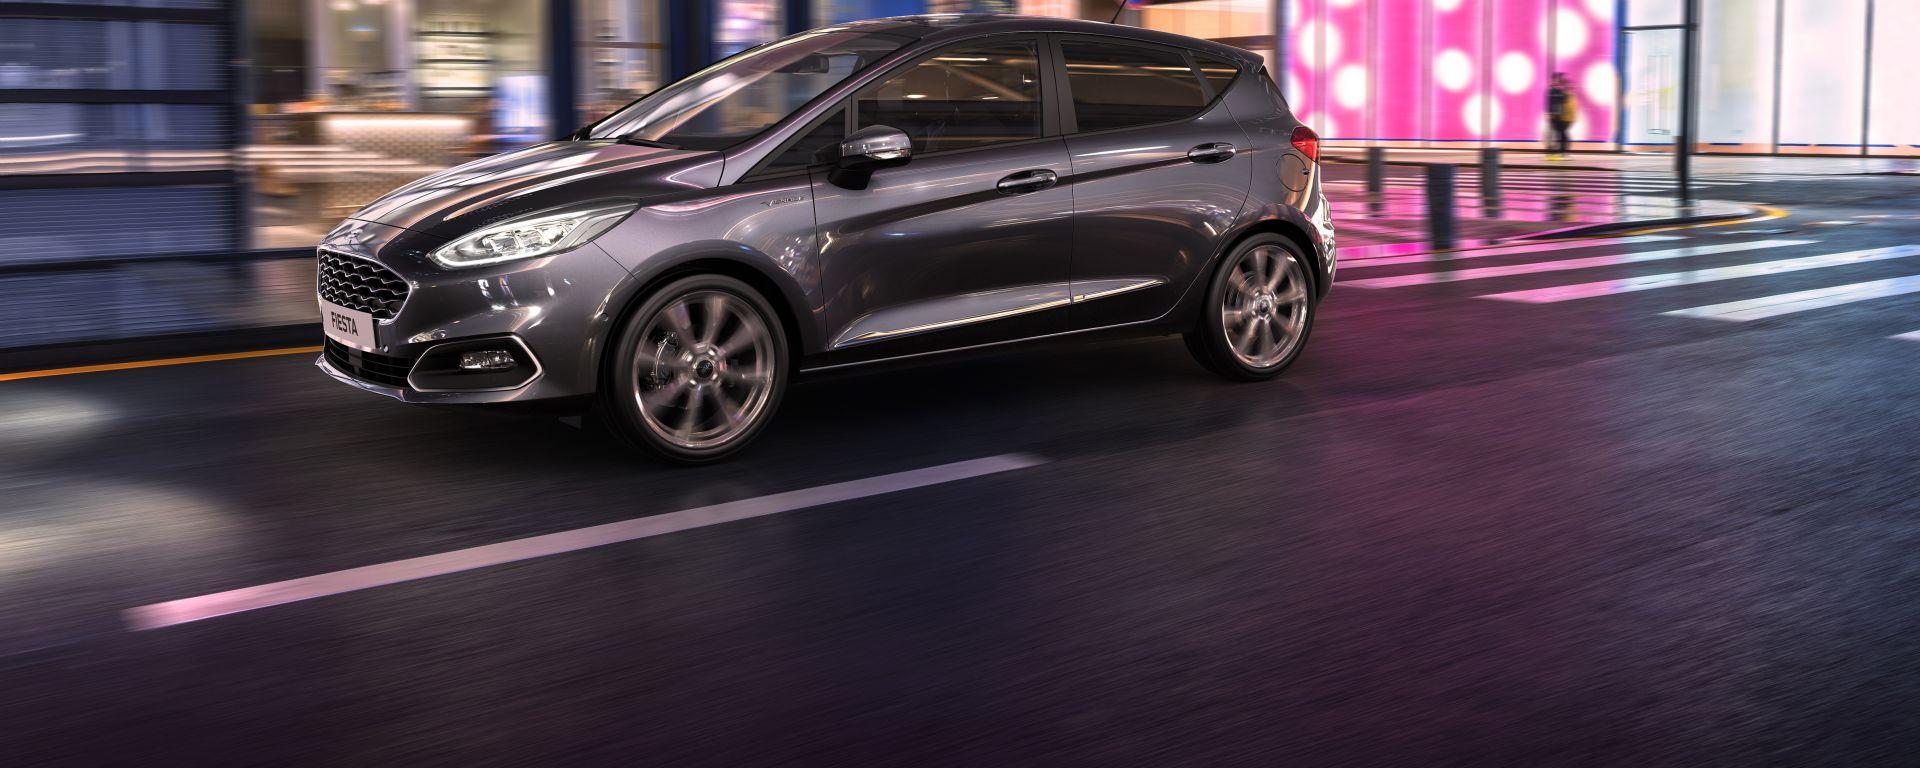 Nuova Ford Fiesta MHEV